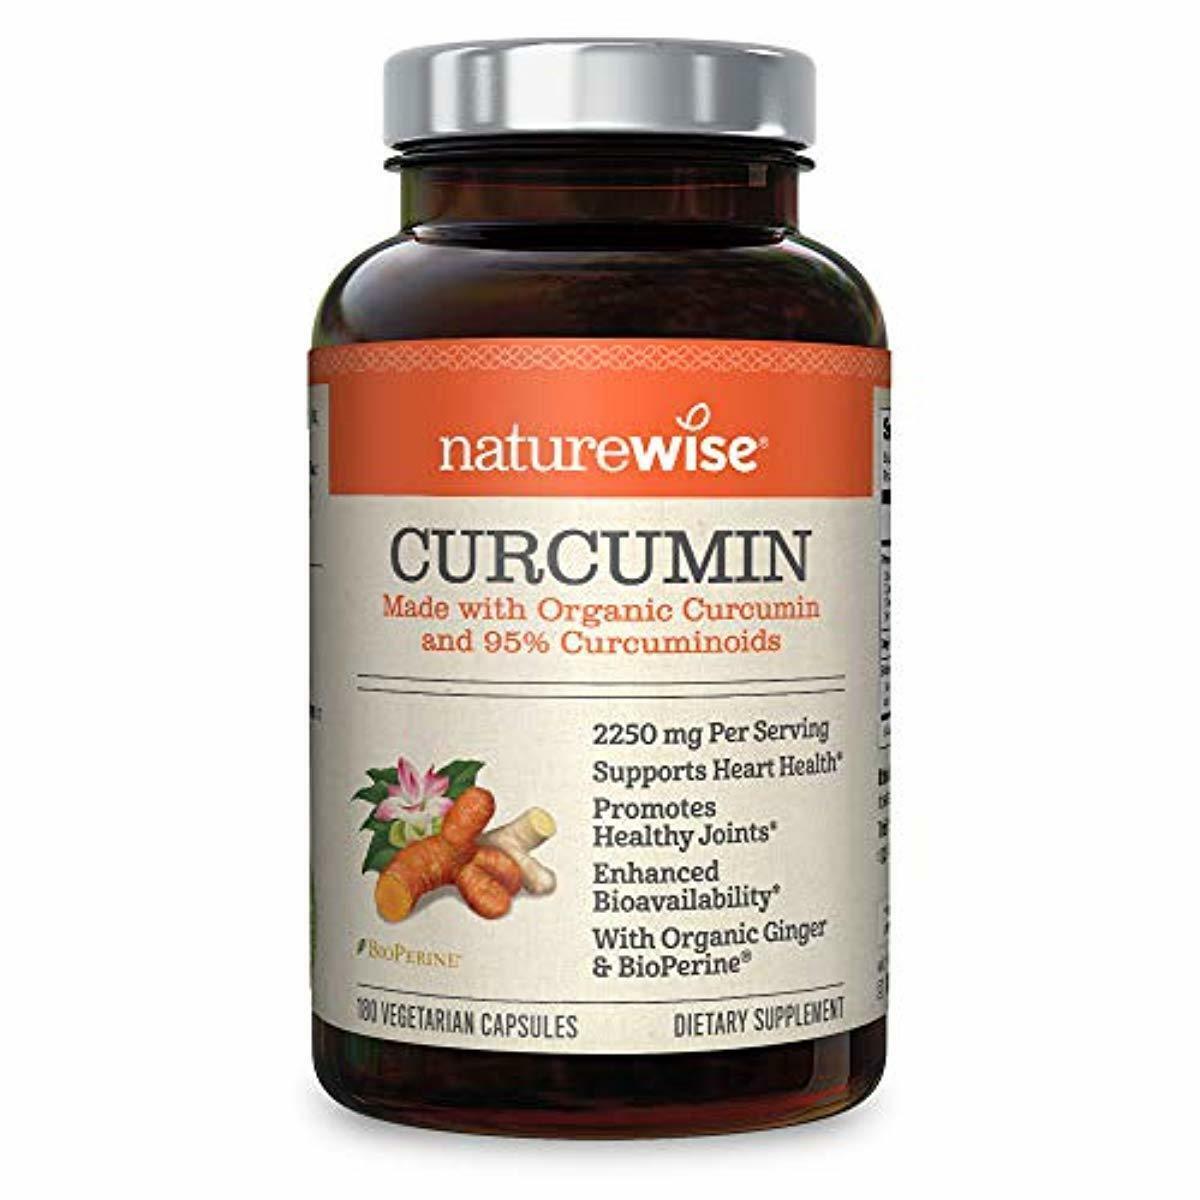 NatureWise Curcumin Turmeric 2250mg | 95% Curcuminoids & Bio